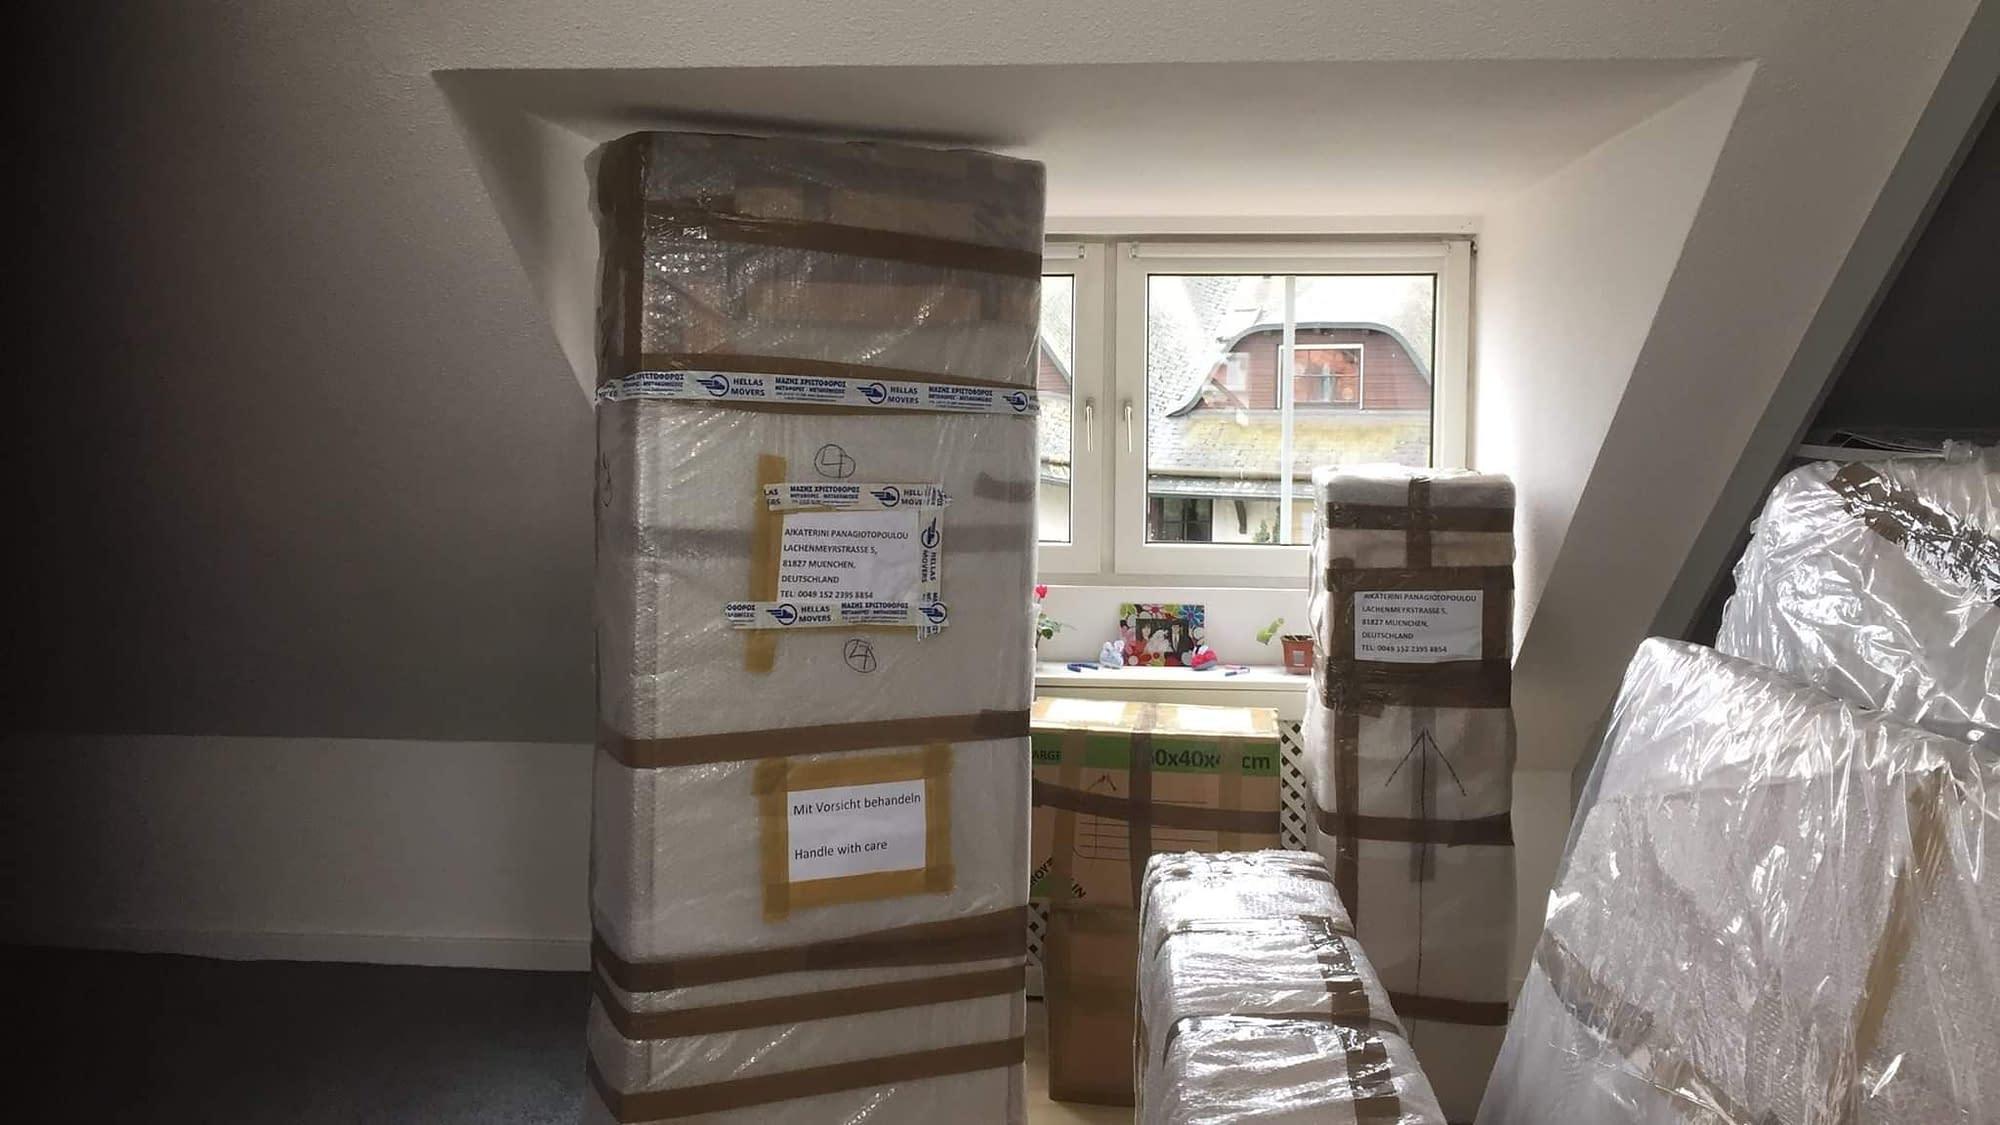 Οικοσυσκευή έτοιμη για μετακόμιση Χριστόφορος Μάζης Μεταφορές Μετακομίσεις Χριστόφορος | Hellas Movers